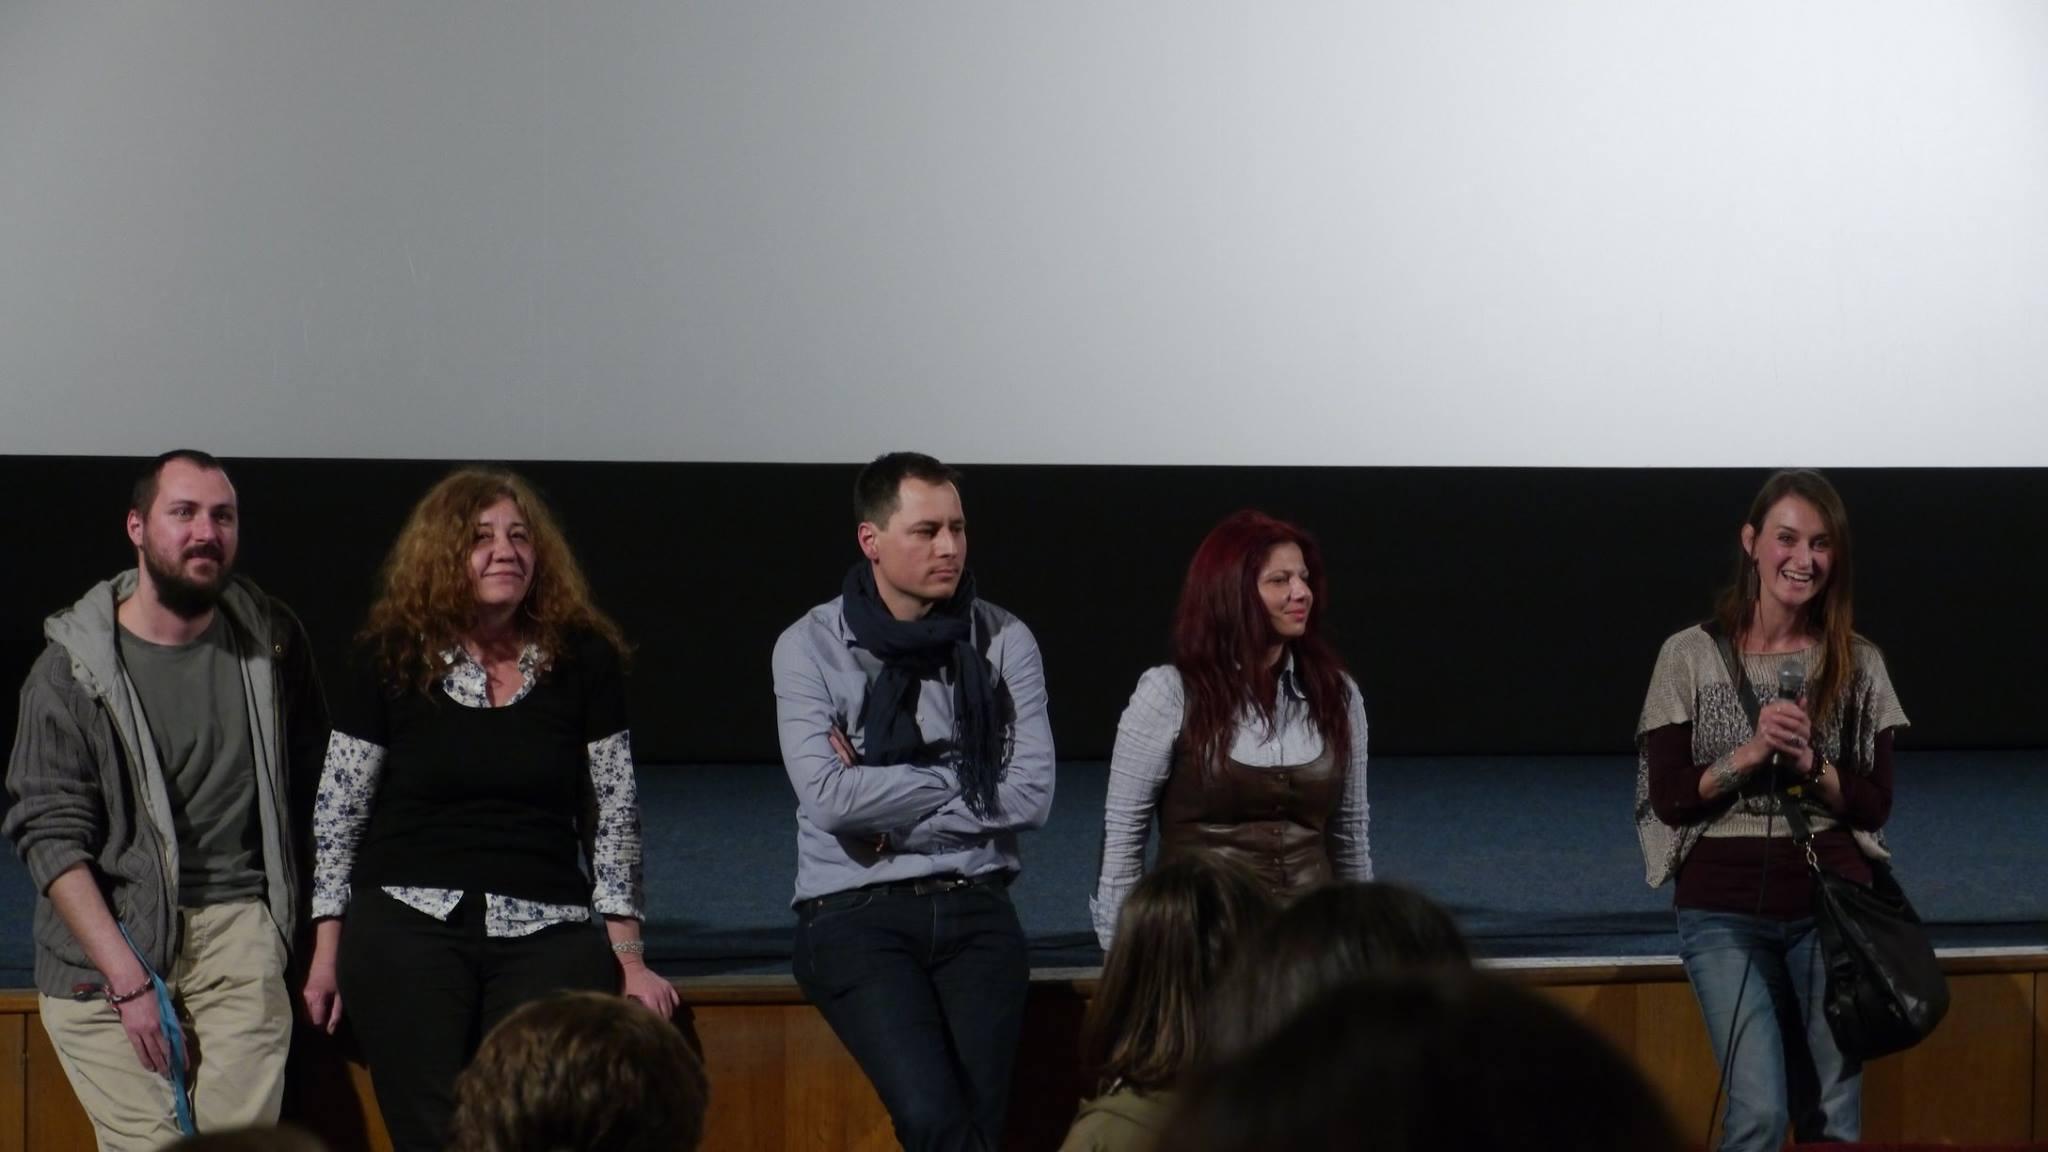 Снимка от премиерата на София Филм Фест -- въпроси и отговори след прожекцията с монтажистите Нина и Петър и участниците Николина и Лъки